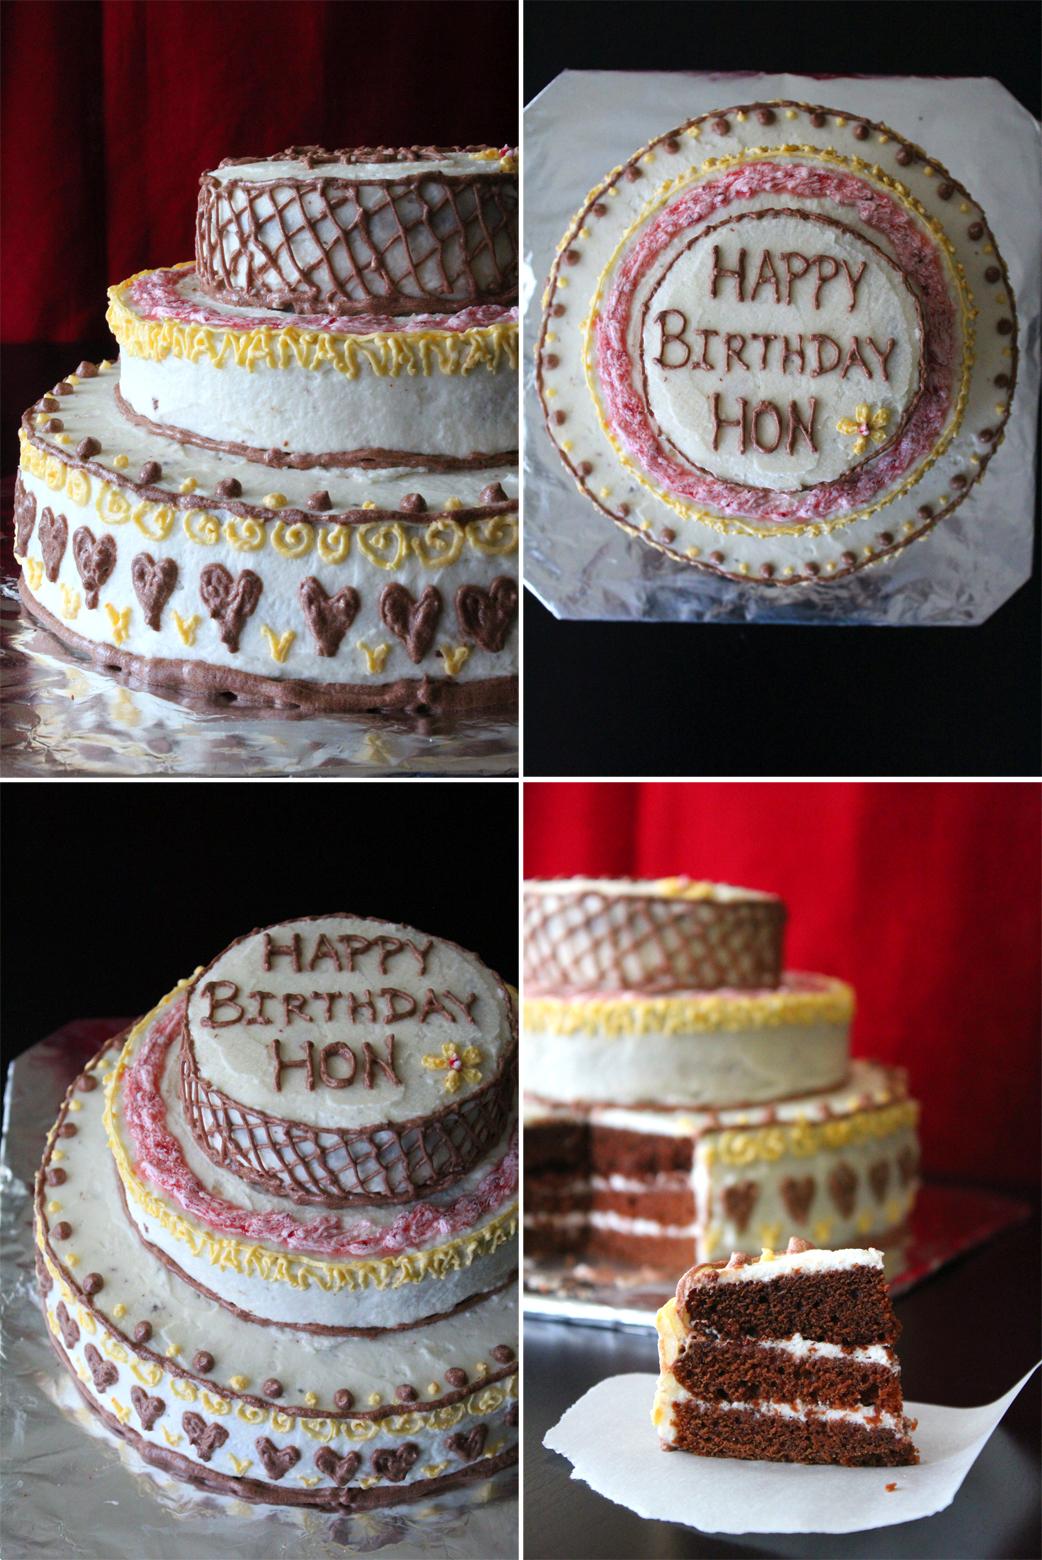 Cake Design For Husbands Birthday : Spusht: Birthday Surprise for Husband